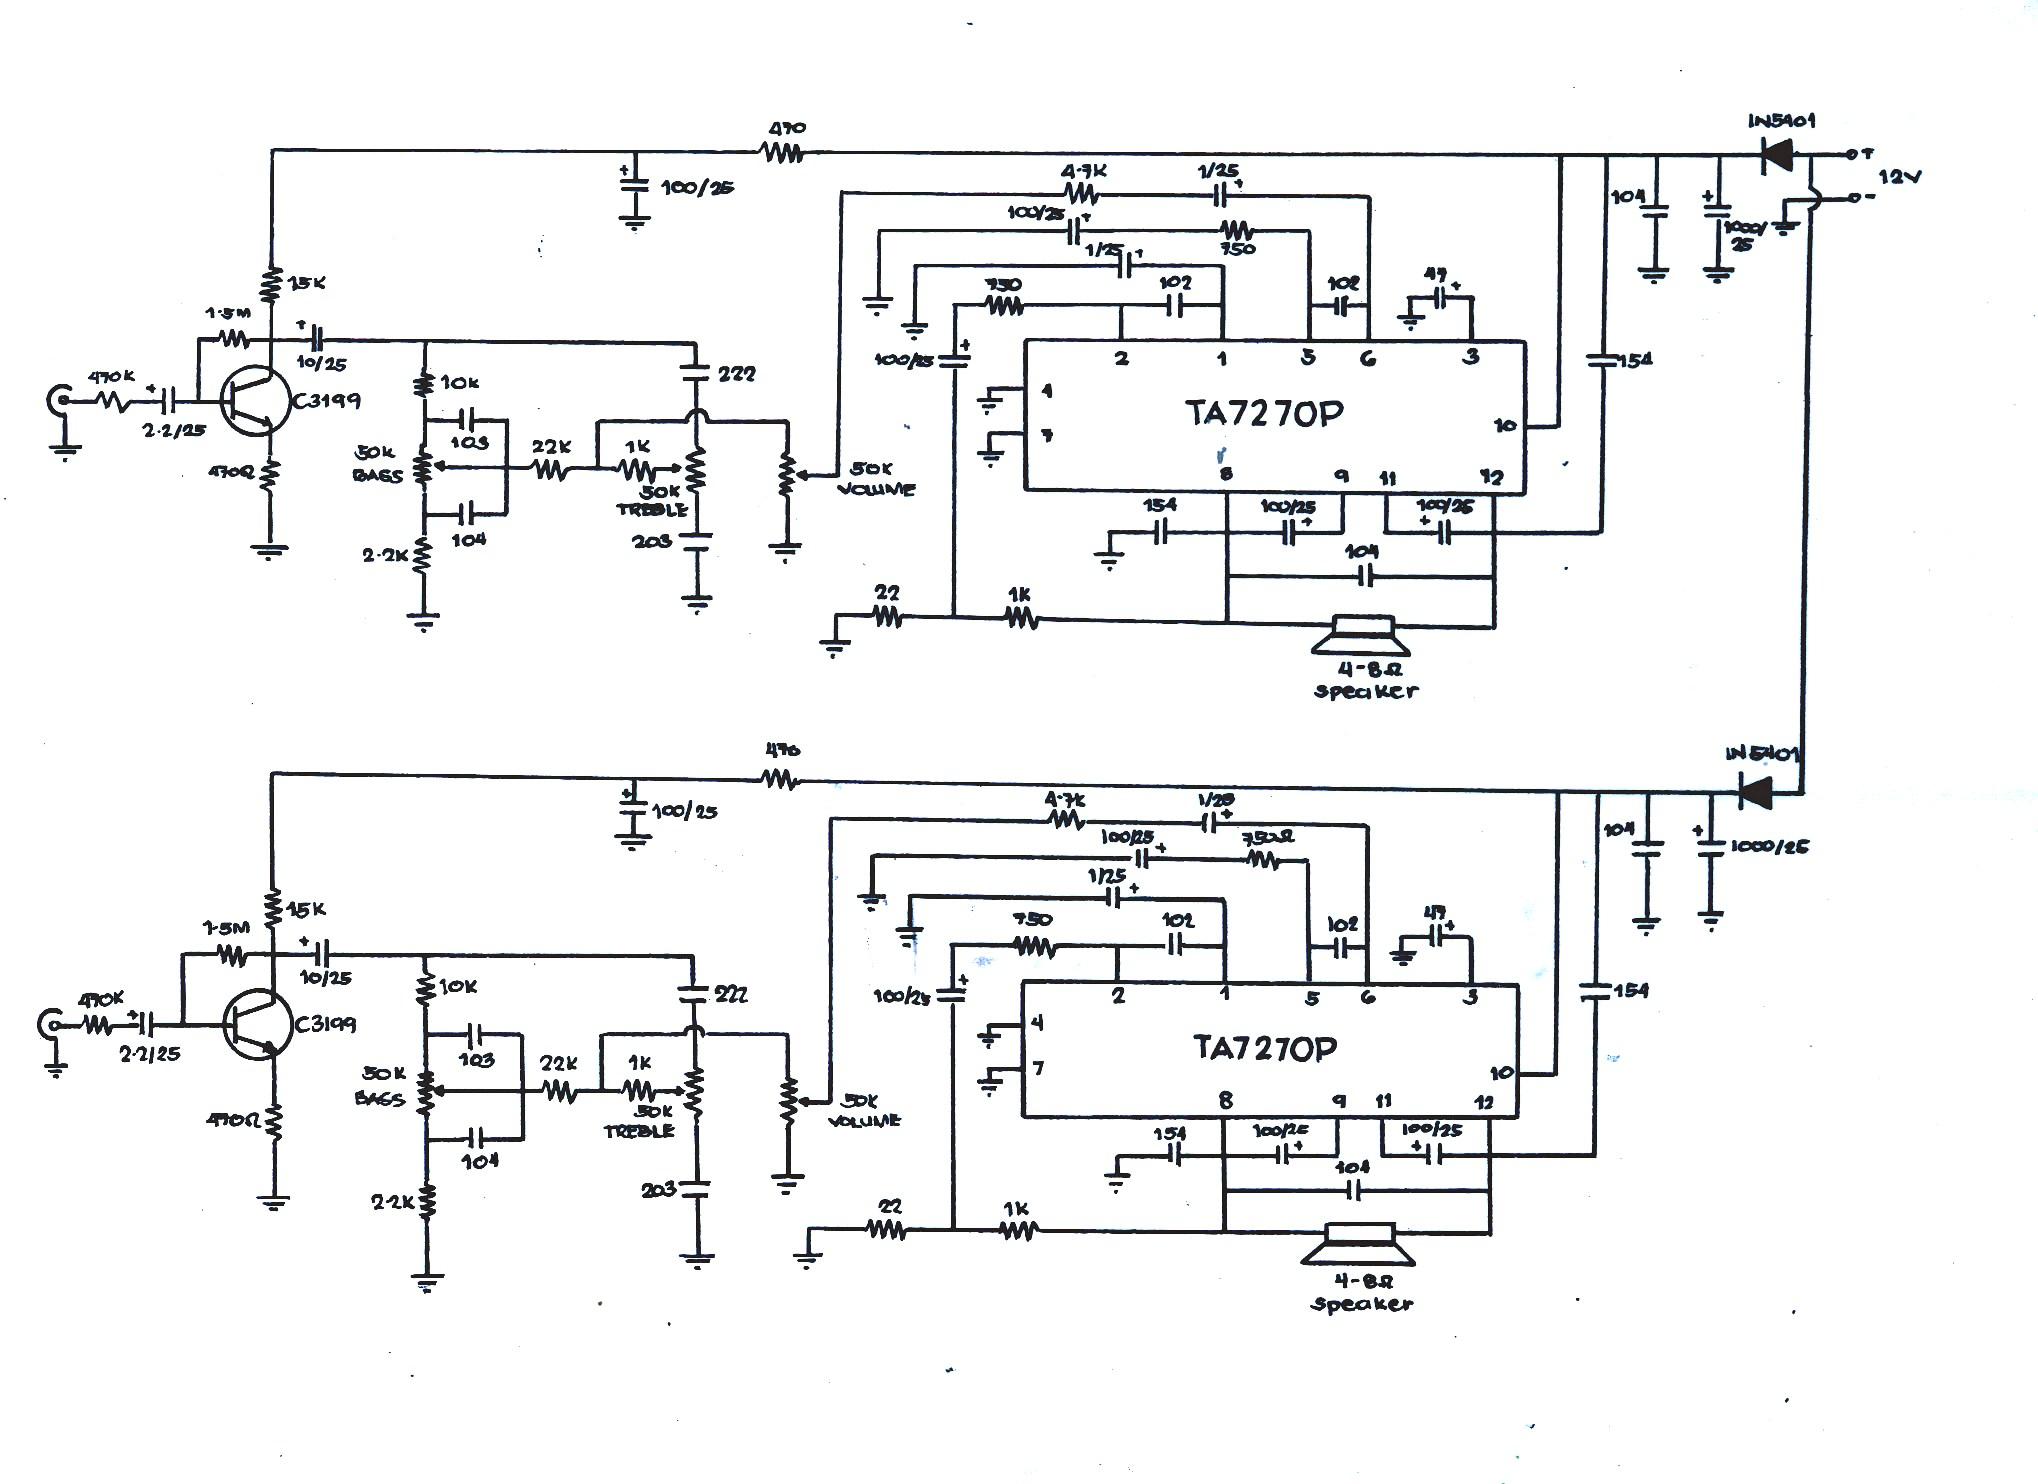 u0026gt  circuits  u0026gt  rc filters operation circuit diagram l37218